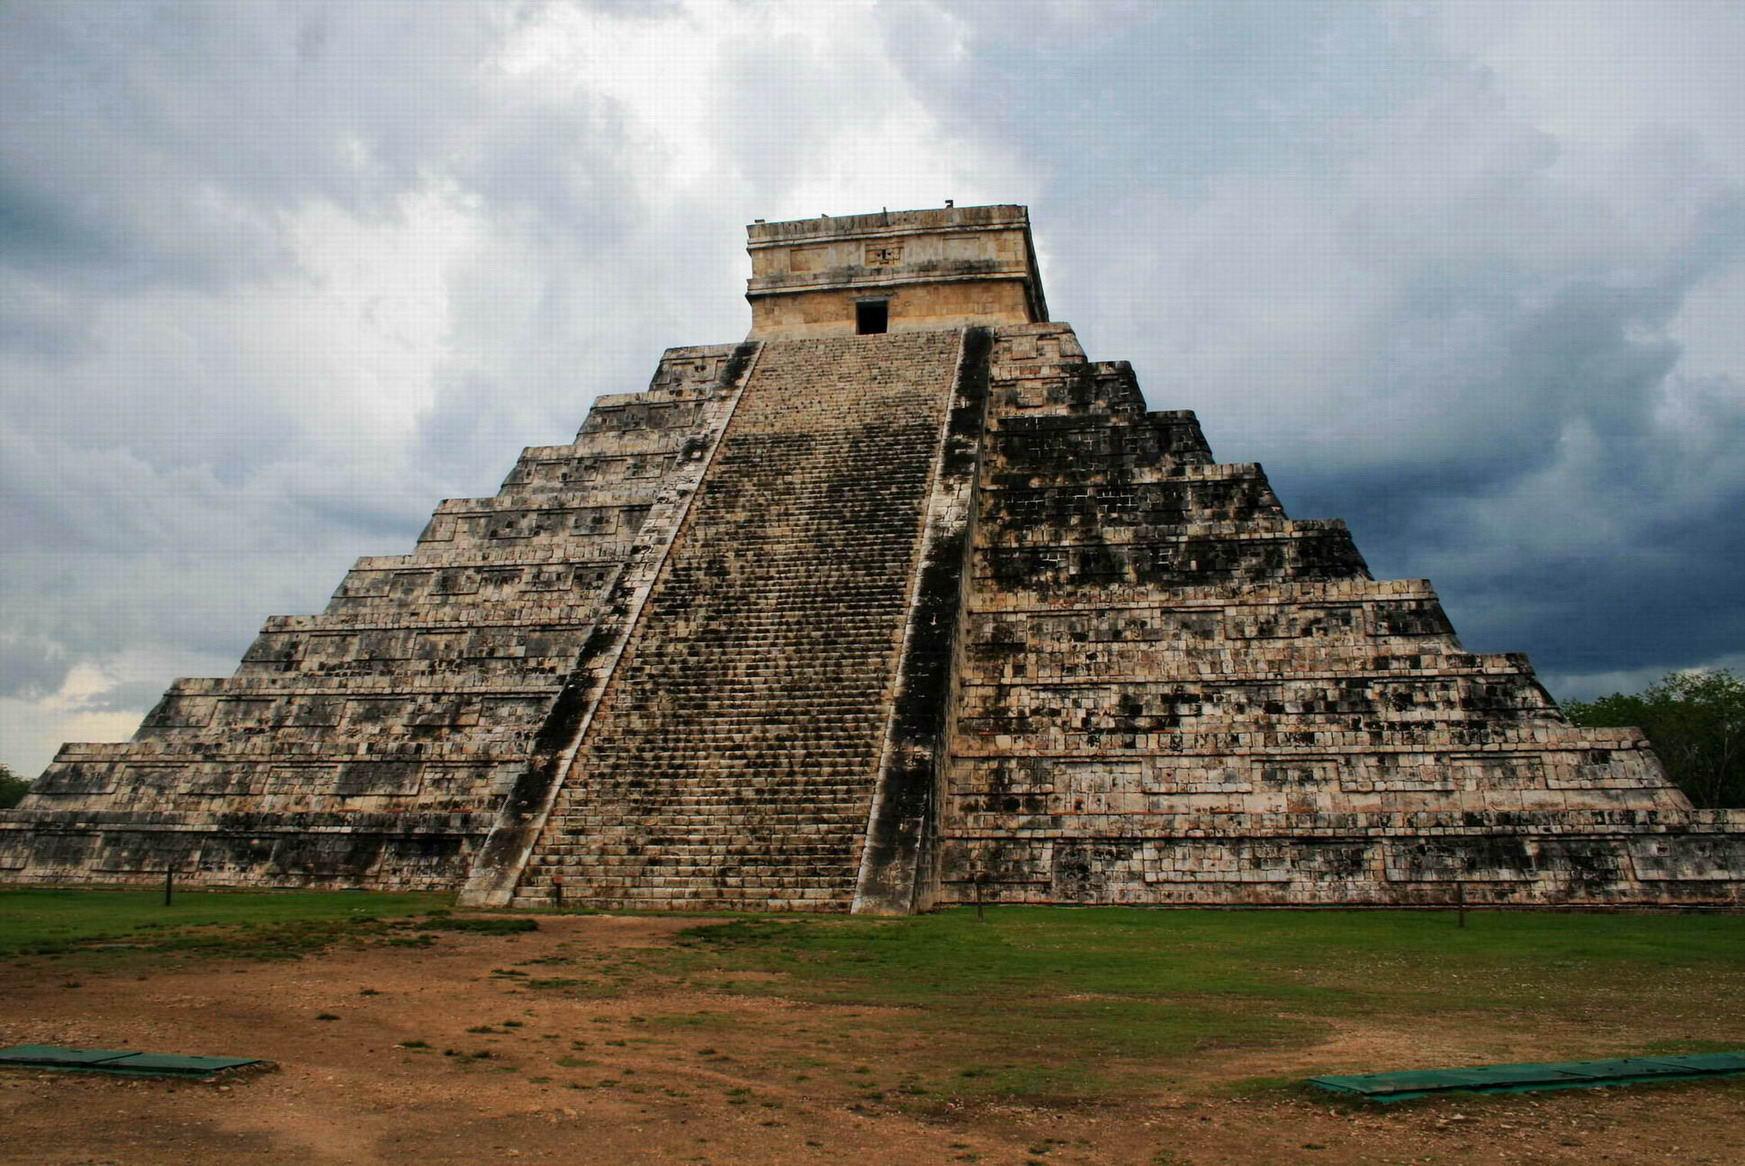 墨西哥的旅游景点有哪些呢?墨西哥好玩的旅游景点一览介绍